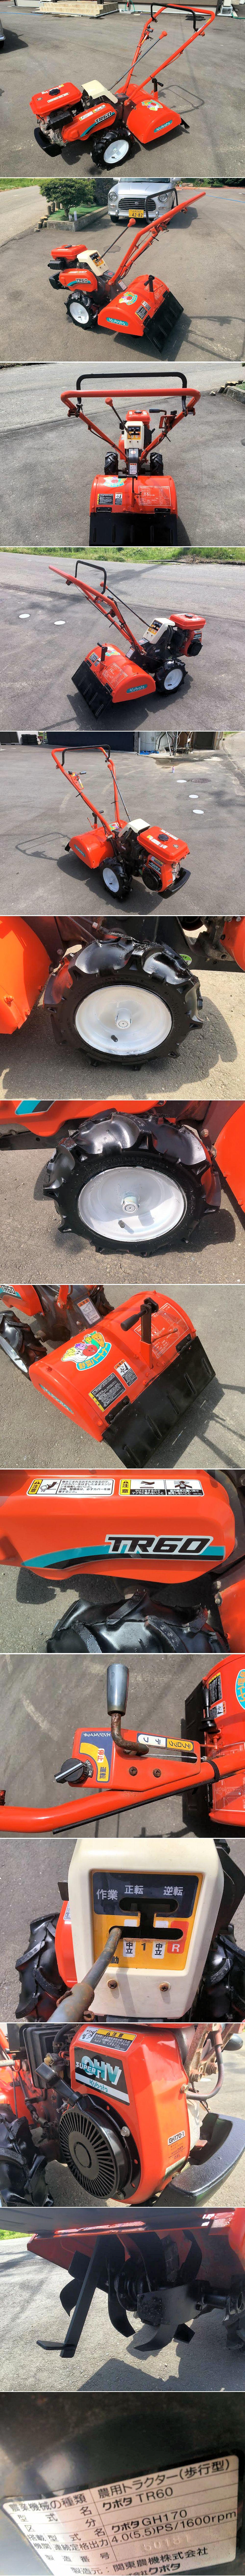 クボタ 管理機 耕運機 TR60 正転・逆転付 デフロック 5.5馬力 中古 極上美品